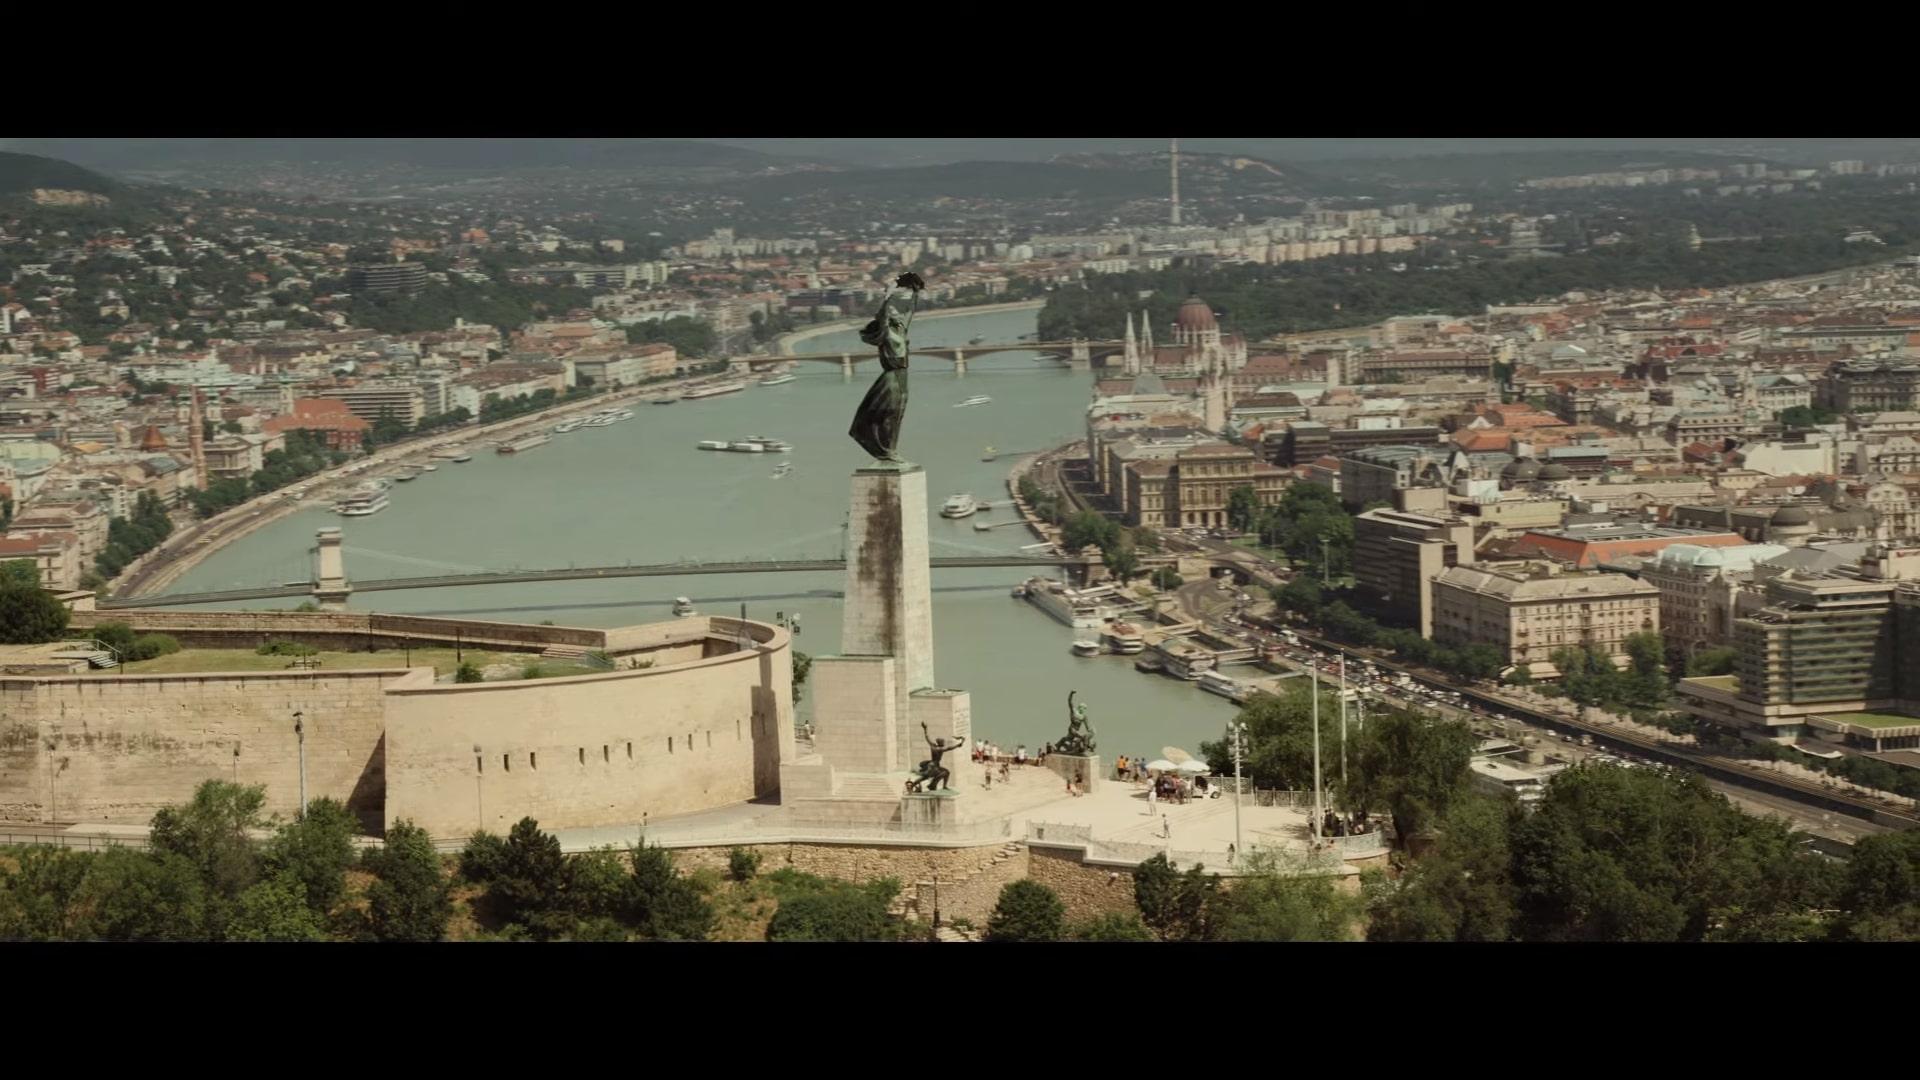 """Wygląda na to, że przynajmniej pierwsza część filmu będzie rozgrywać się w Budapeszcie. Już z poprzednich odsłon MCU wiemy, że miasto to miało wpływ na działania Czarnej Wdowy – w produkcji """"Avengers"""" wraz z Hawekeyem mówiła ona, że walka z Chitauri przypomina jej Budapeszt, natomiast w """"Avengers: Końcu gry"""" Clint wzmiankuje o """"długiej podróży do Budapesztu"""". Wszystko wskazuje na to, że to właśnie w stolicy Węgier doszło do ich pierwszego spotkania."""